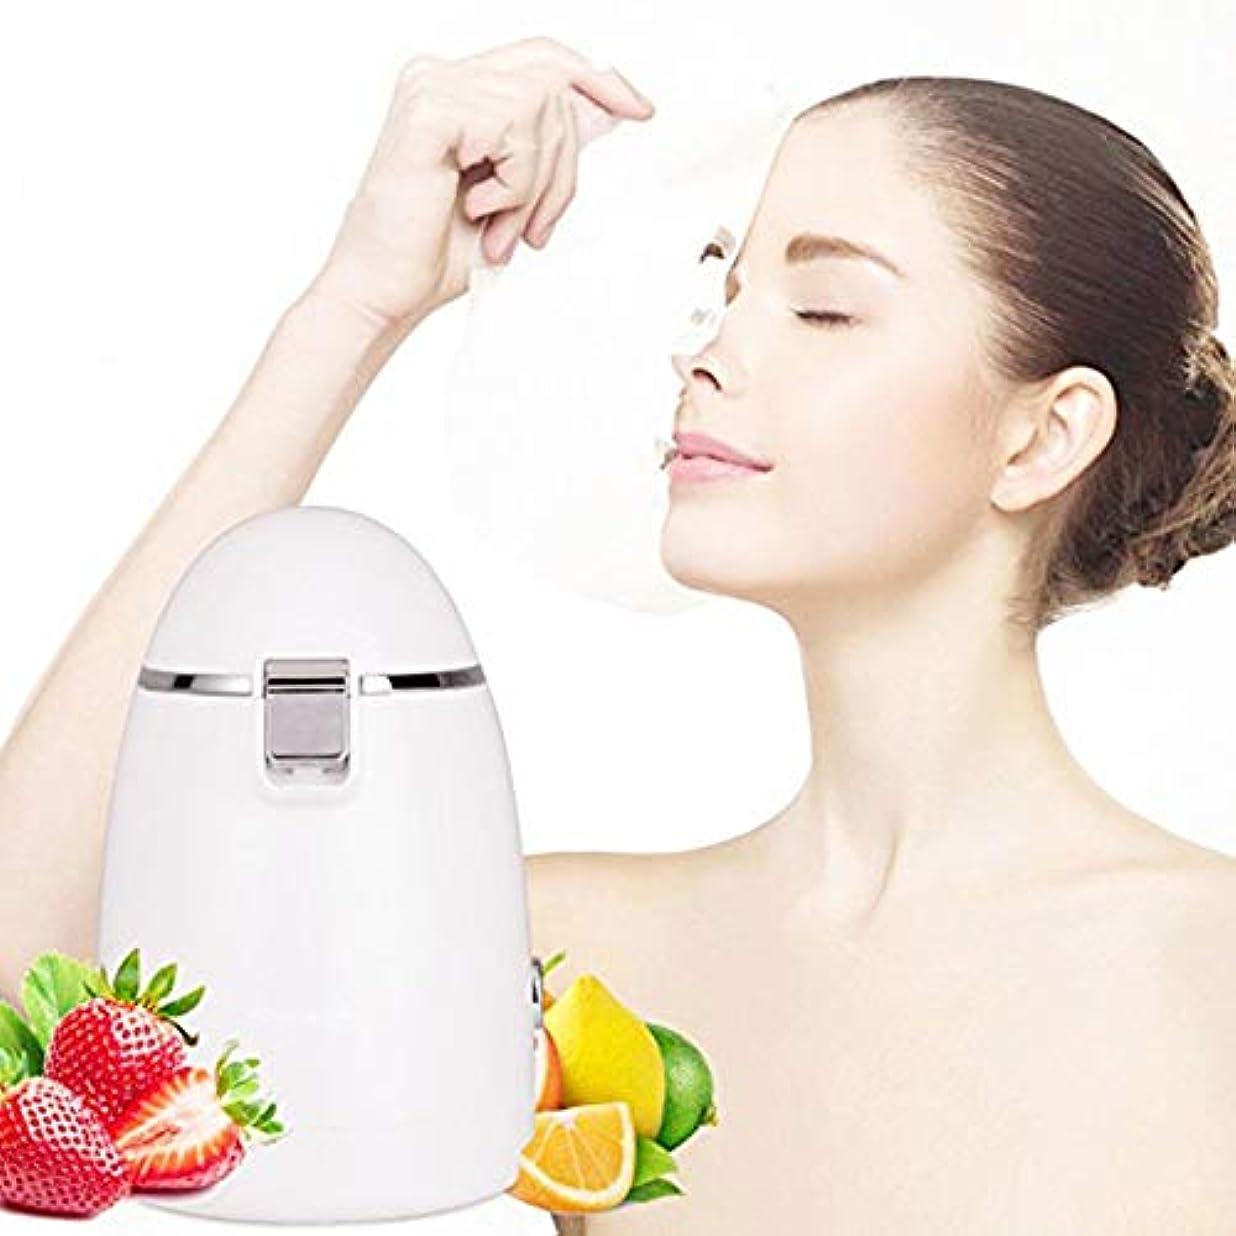 穏やかな実際に開梱マスクマシン、自家製家庭用マスクマシン自動多機能攪拌加熱果物と野菜 DIY マスクフルーツマスク